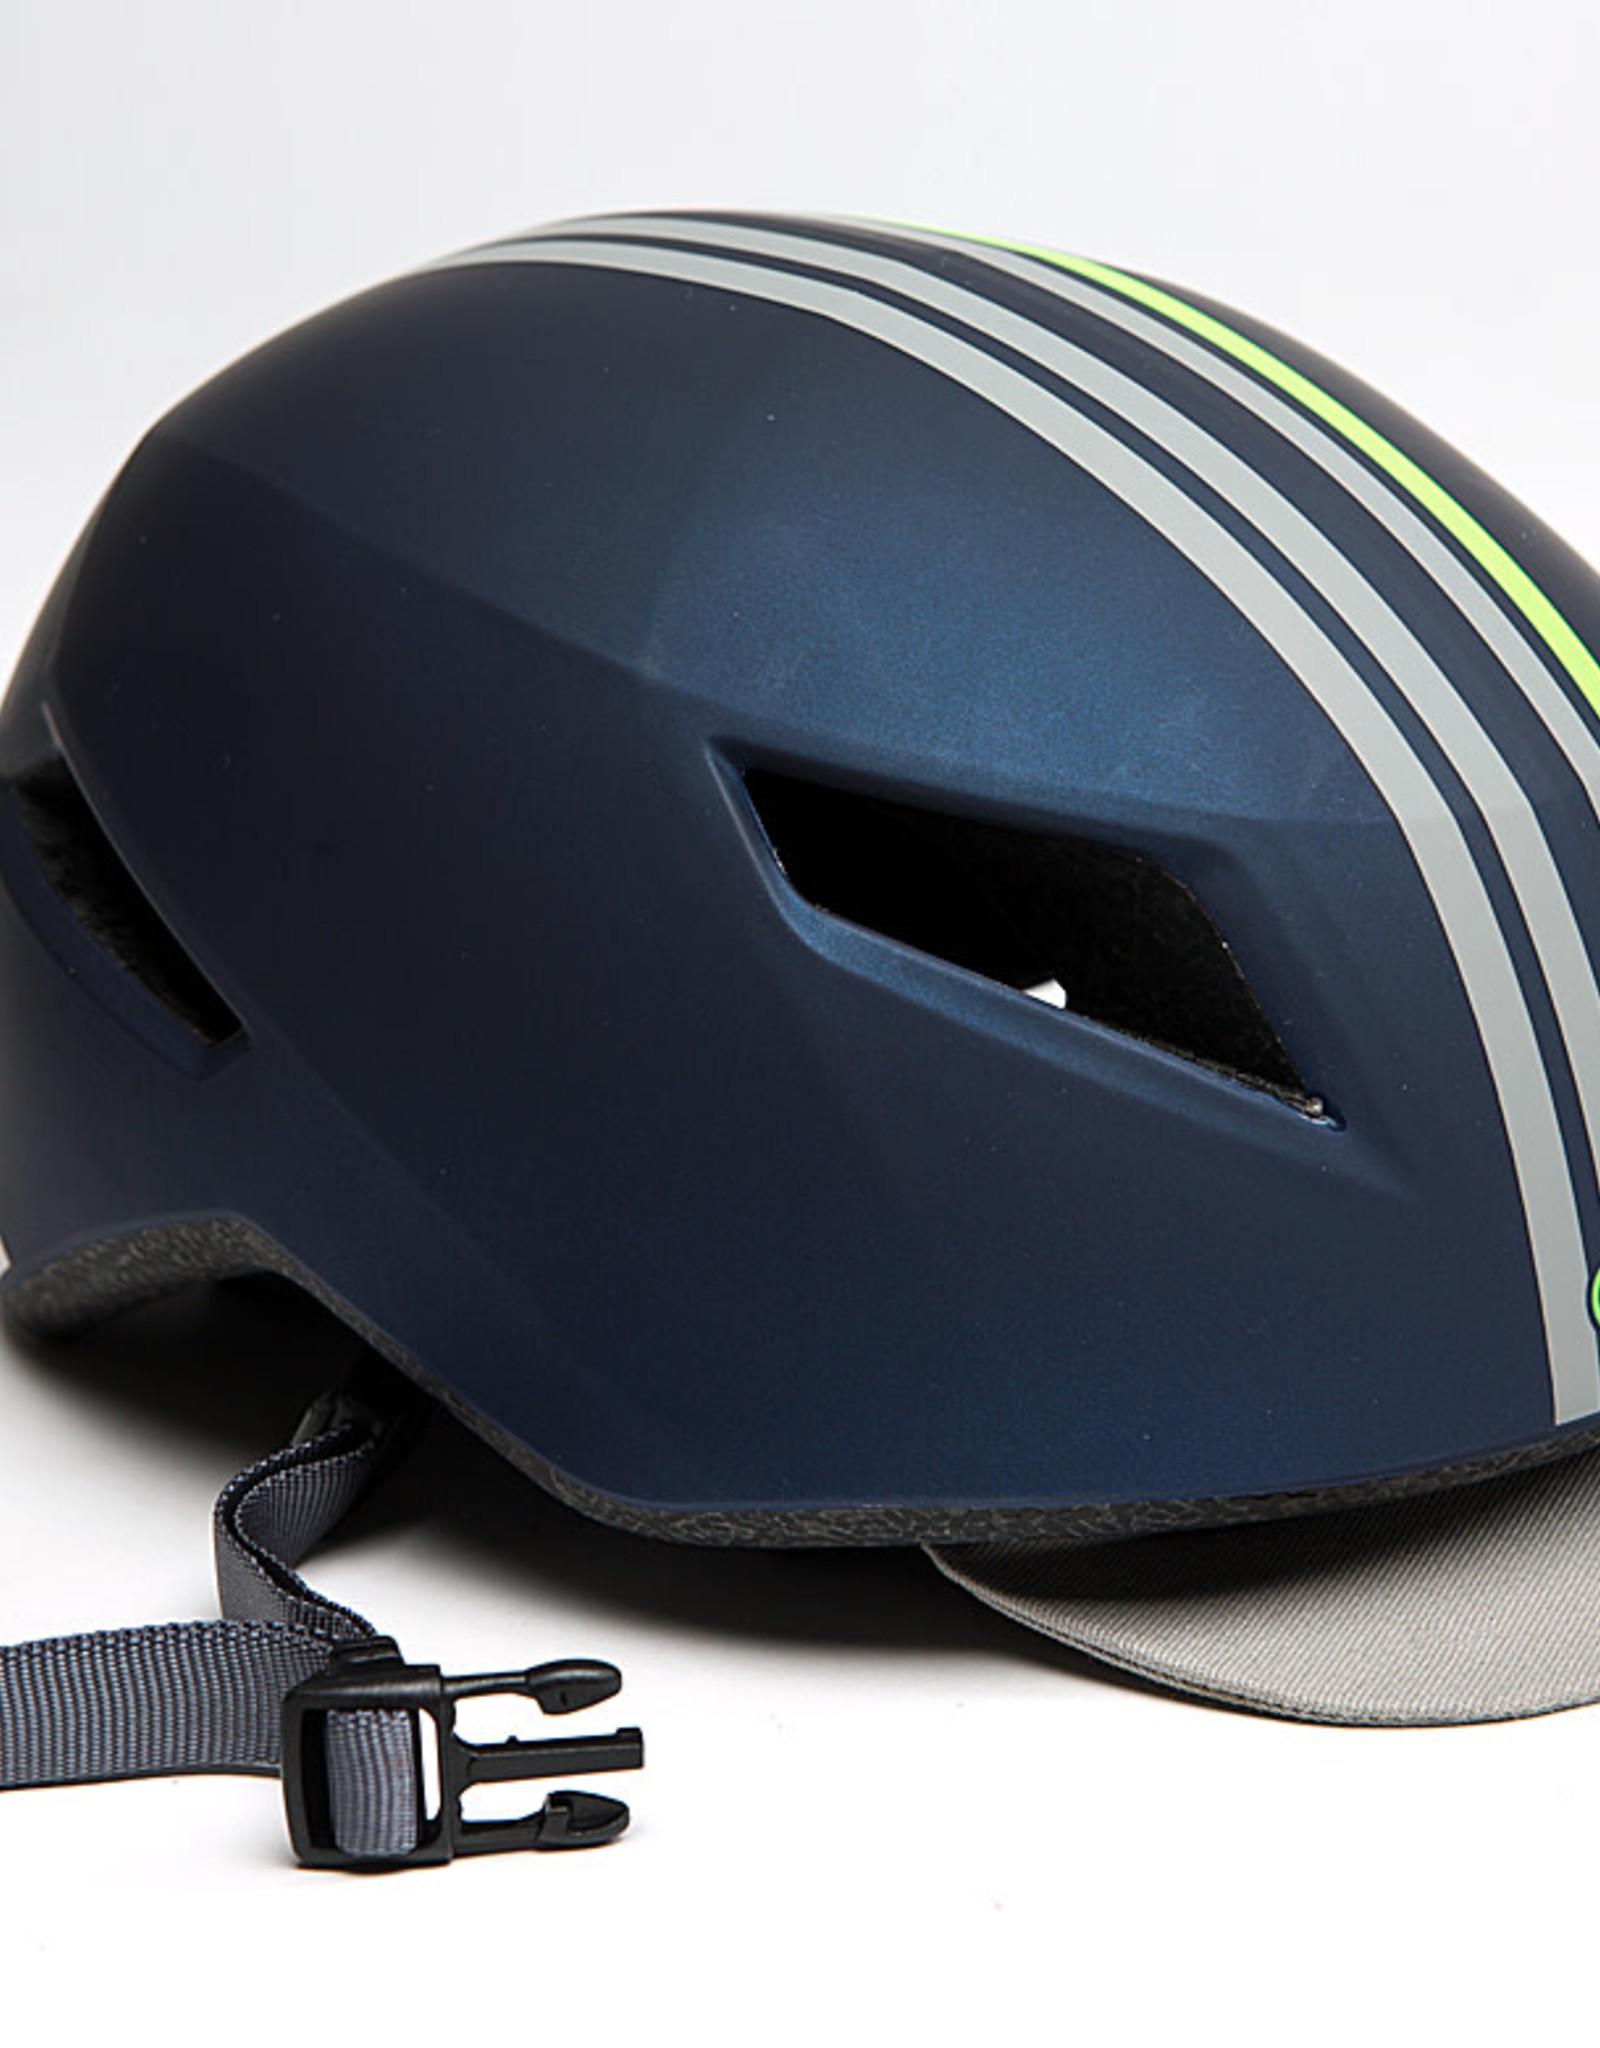 Abus Abus, Yadd-I, Helmet, blue green